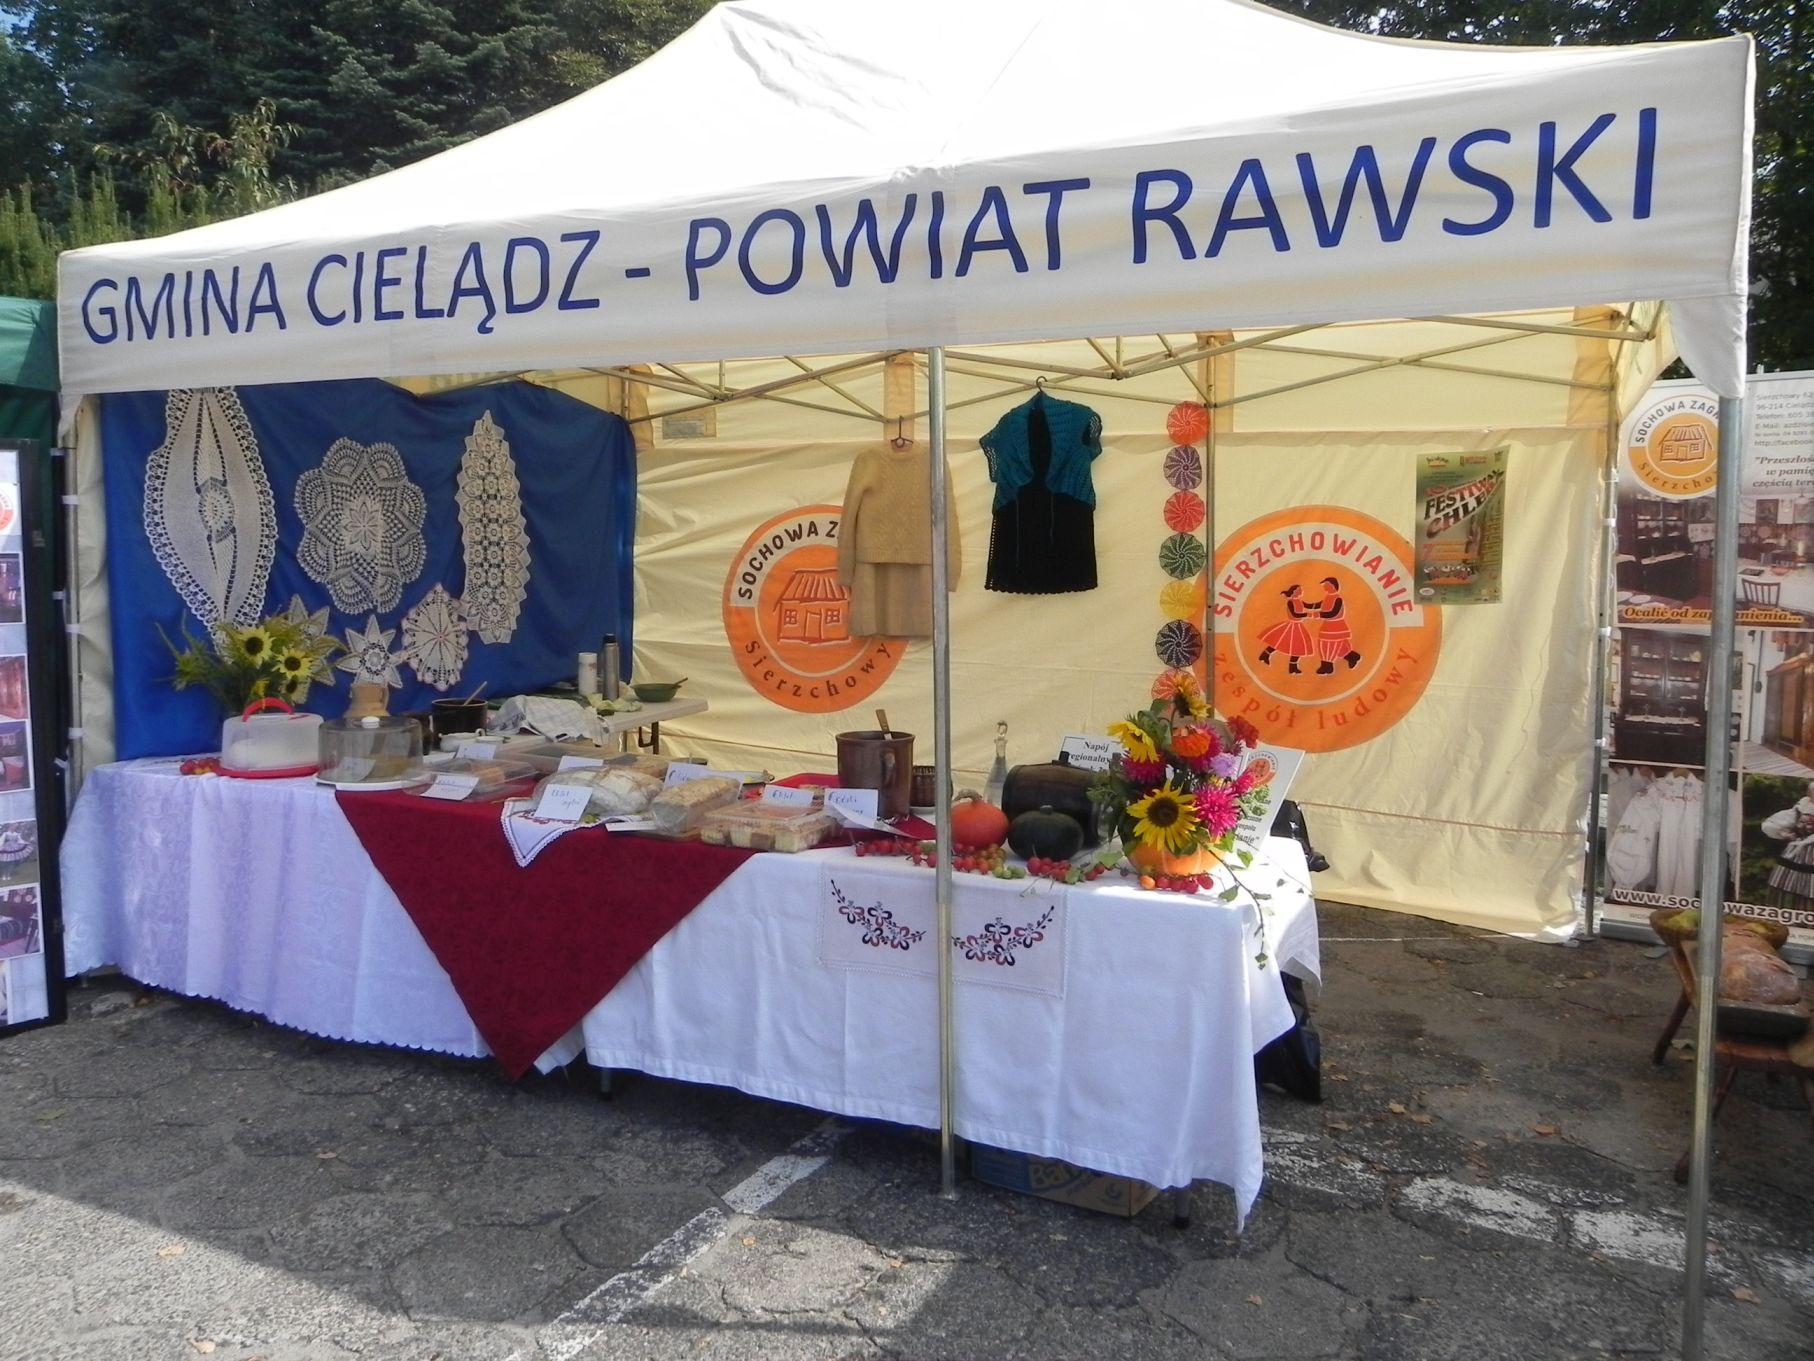 2014-09-07 Mińsk Maz (46)